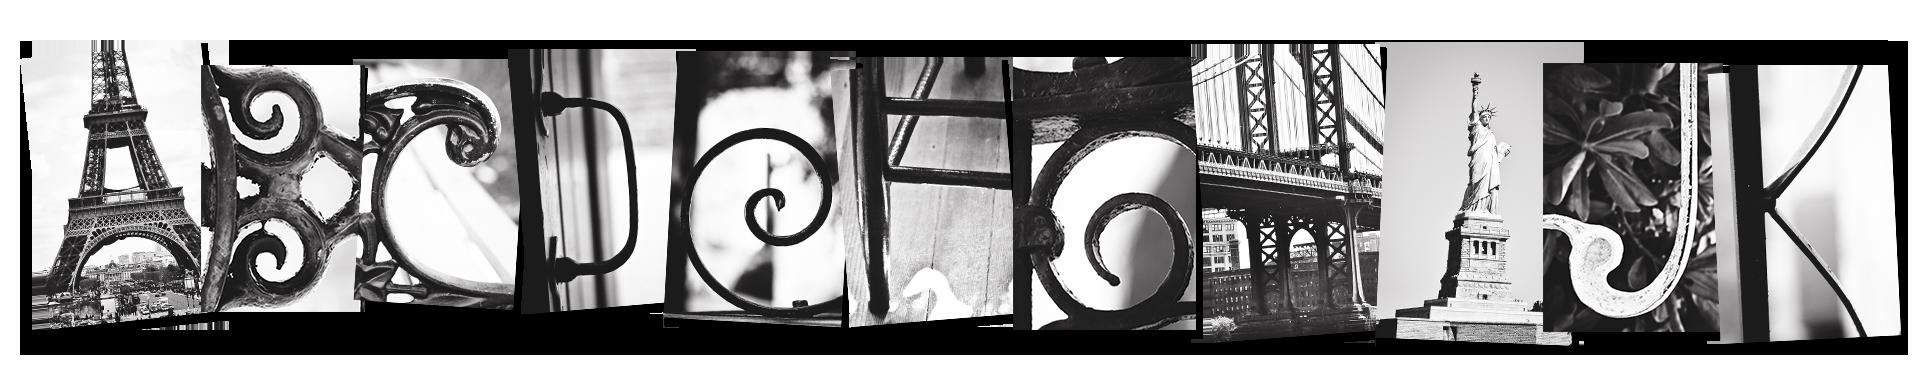 Alphabet Photography Inc | Letter Art | Alphabet Art